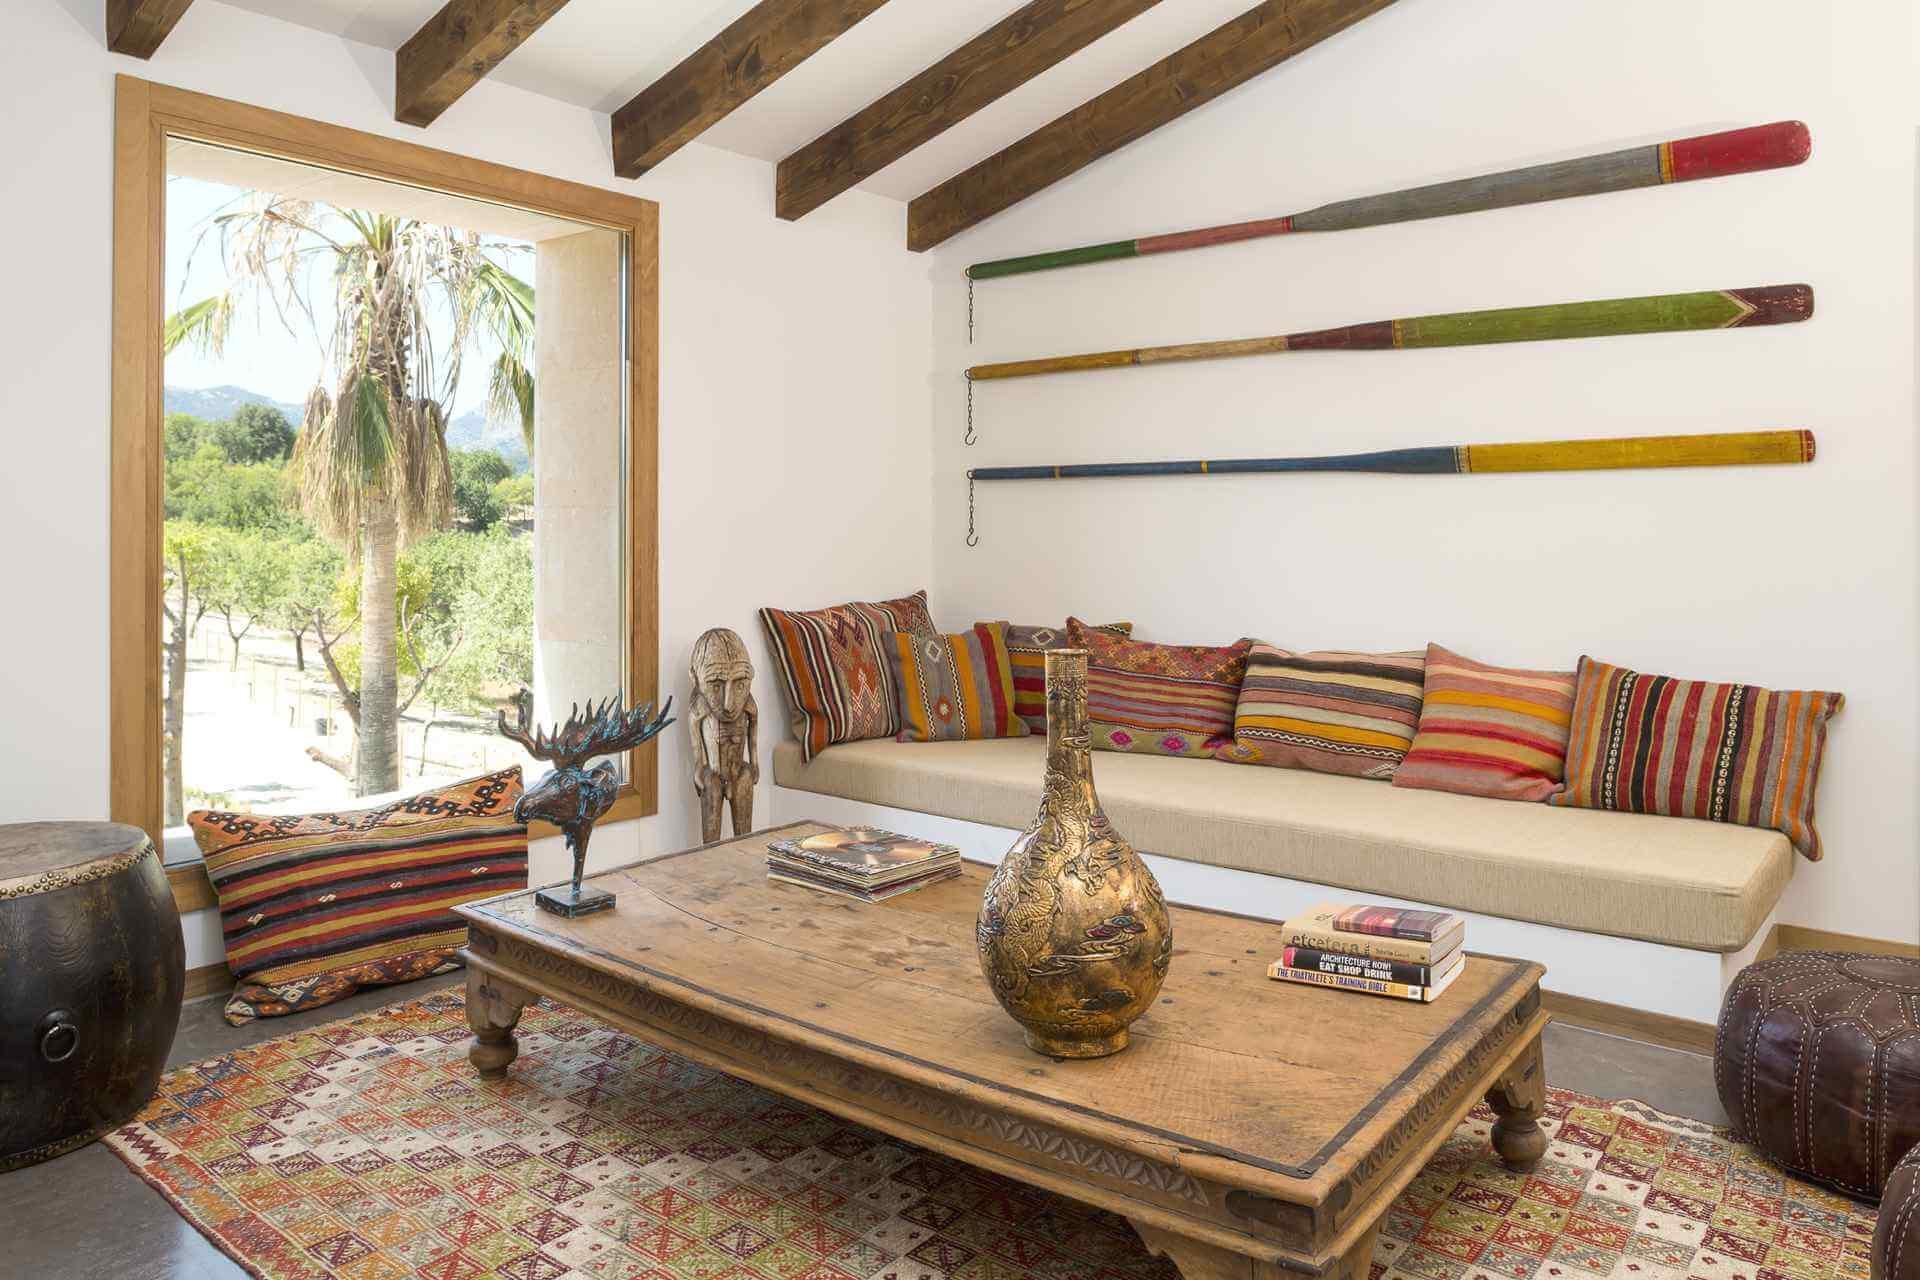 01-354 Luxus Design Finca Mallorca Zentrum Bild 15